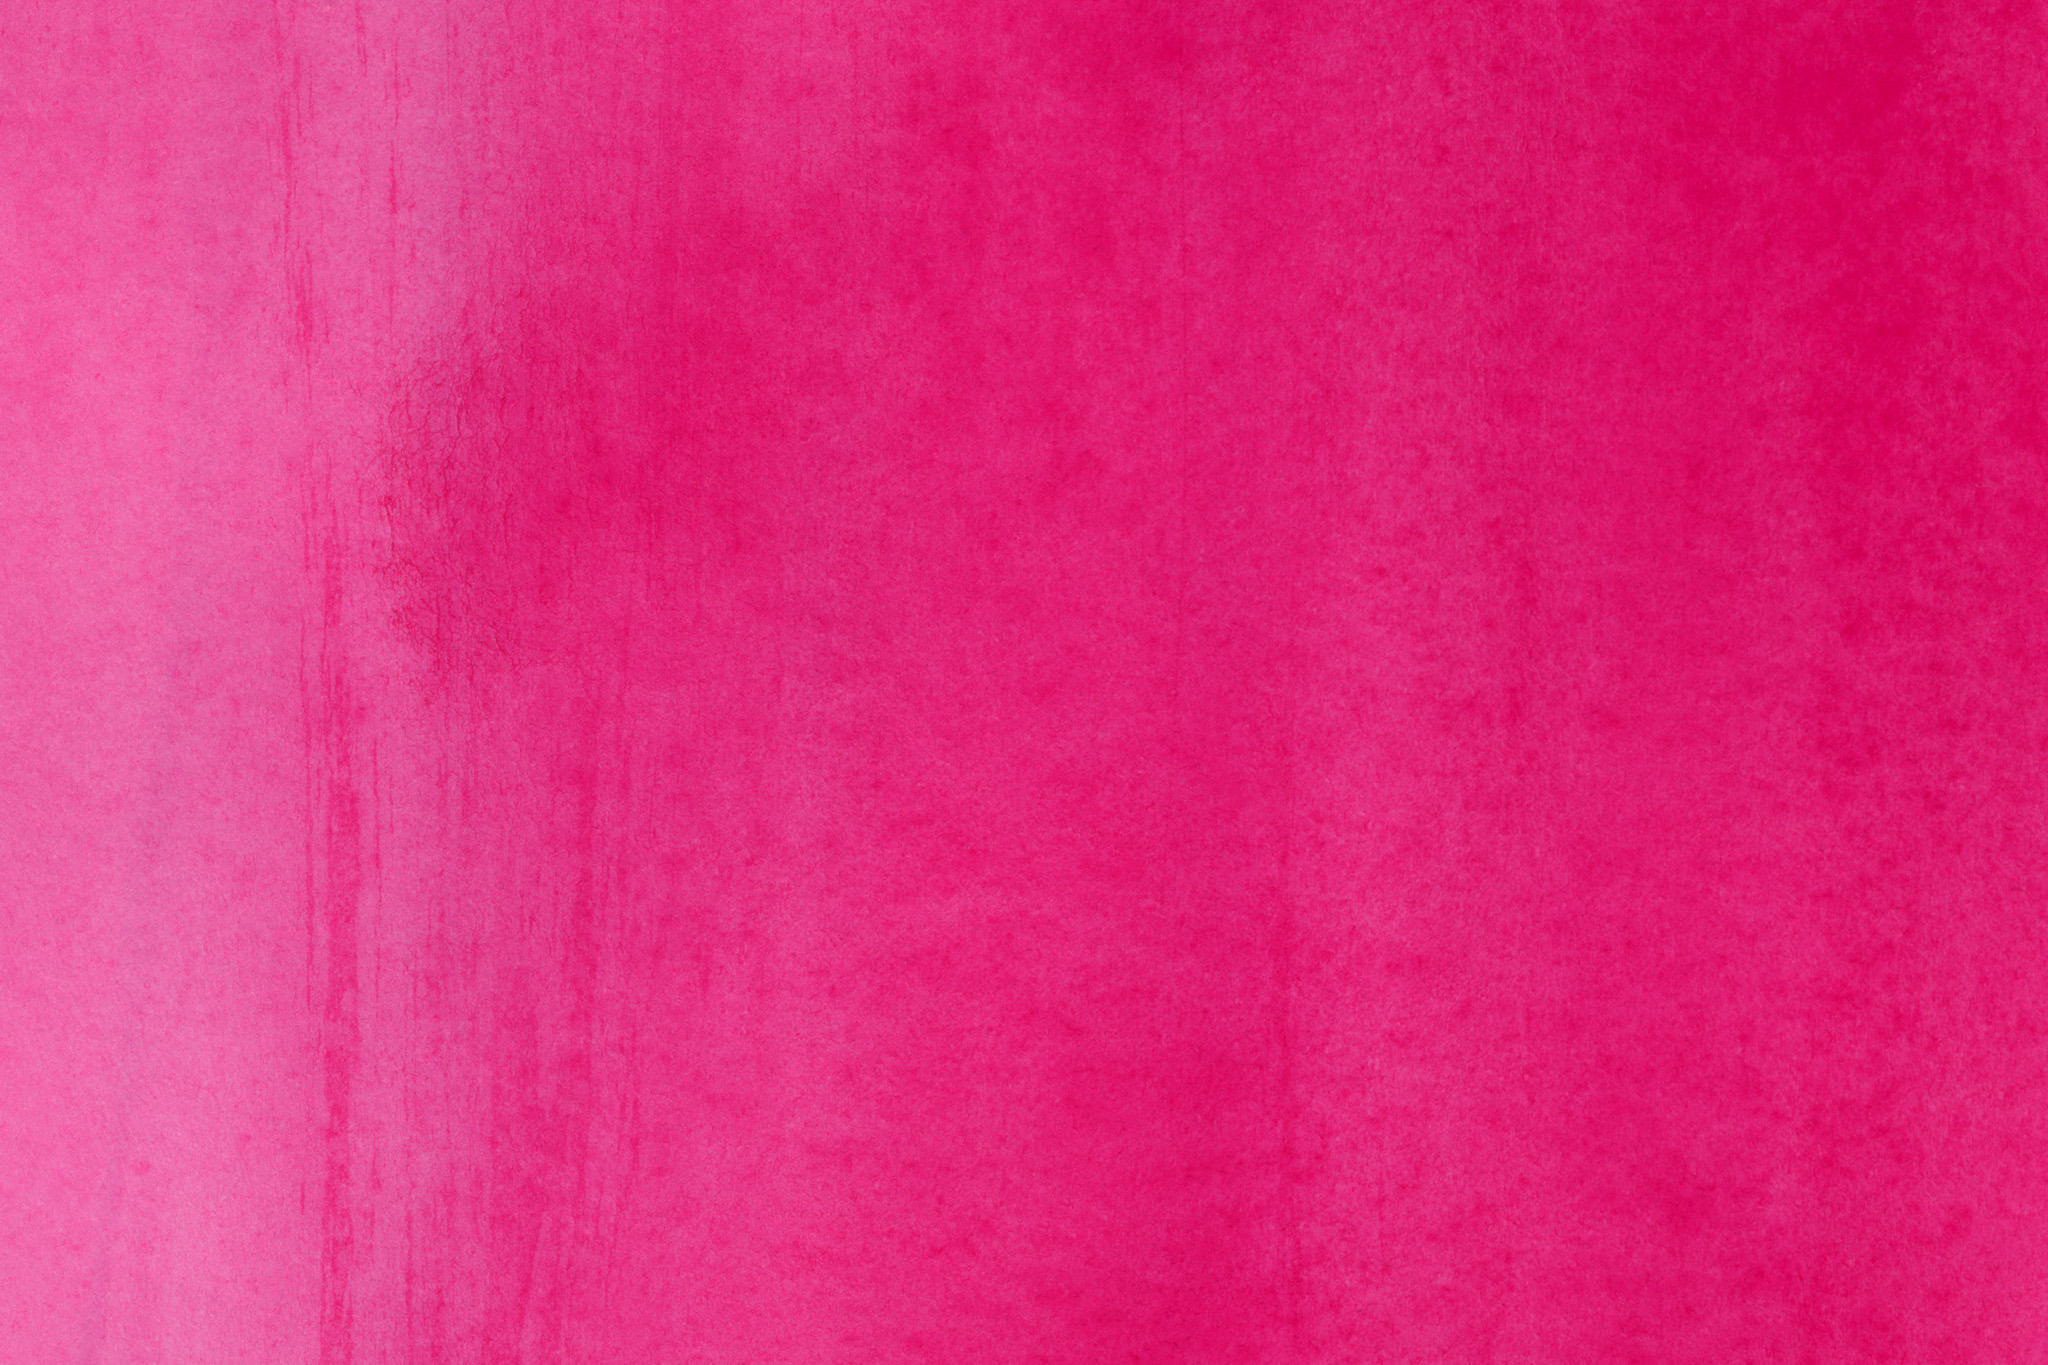 「ピンクの水彩バックグラウンド」